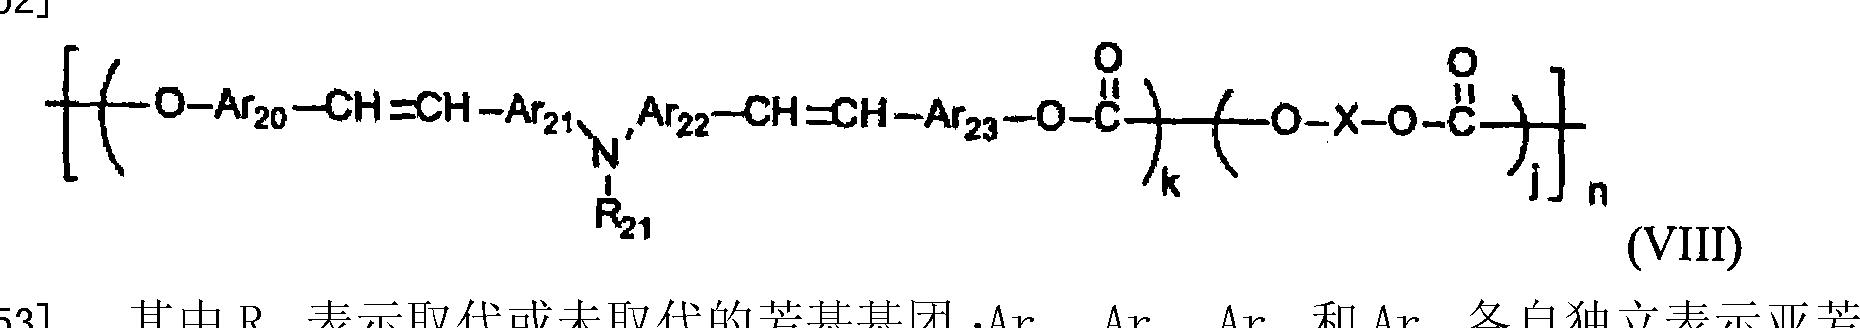 Figure CN101533237BD00401